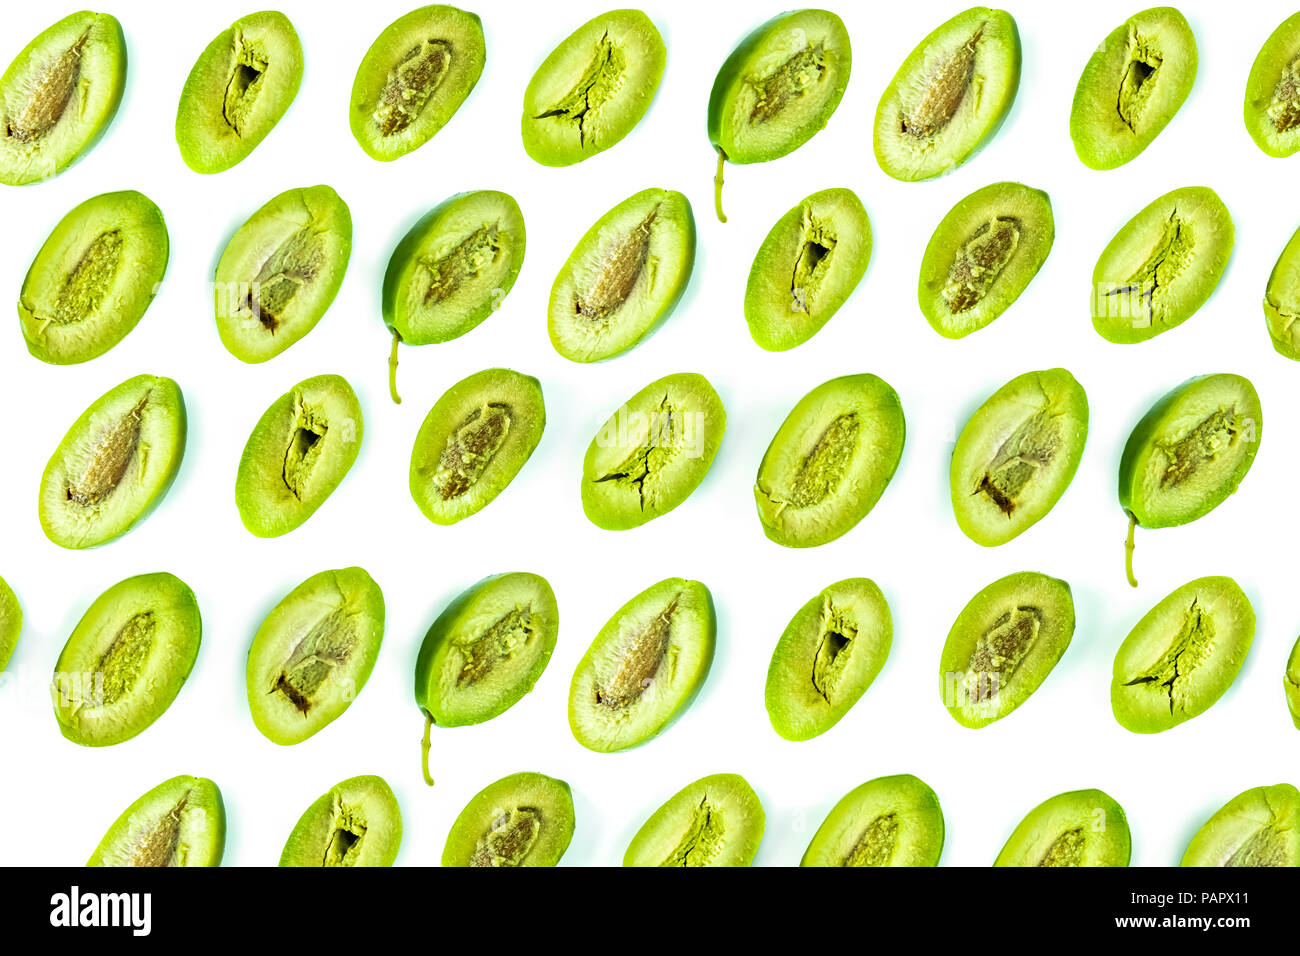 Helle Top view Muster von frischen, grünen Oliven halbieren auf weißem Hintergrund. Von oben auf mehreren Oliven Schuß Stockbild